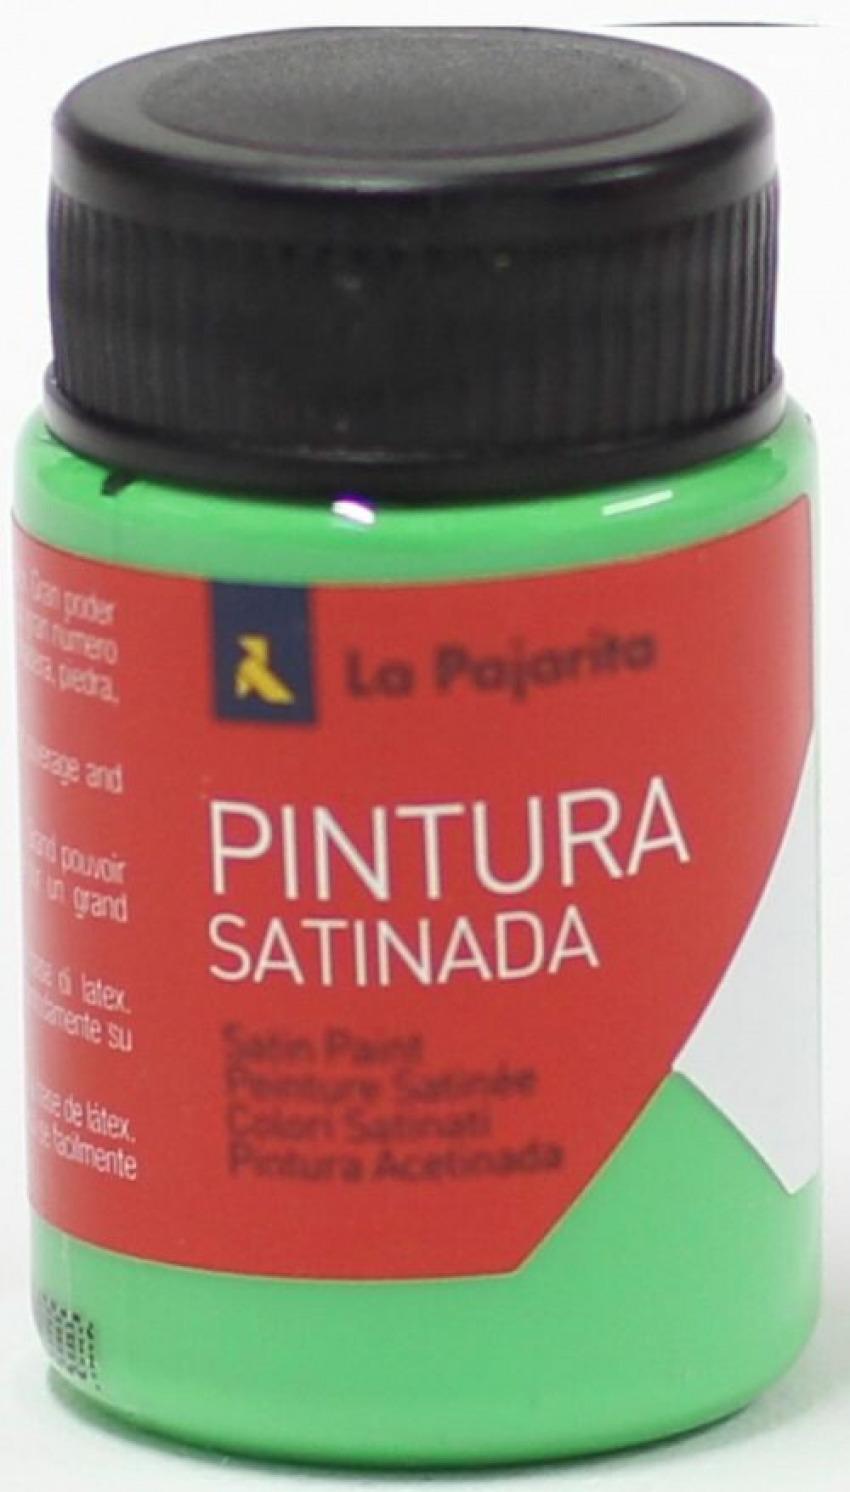 C/6 bote pintura satinada la pajarita verdde cesped base latex 1842345169726